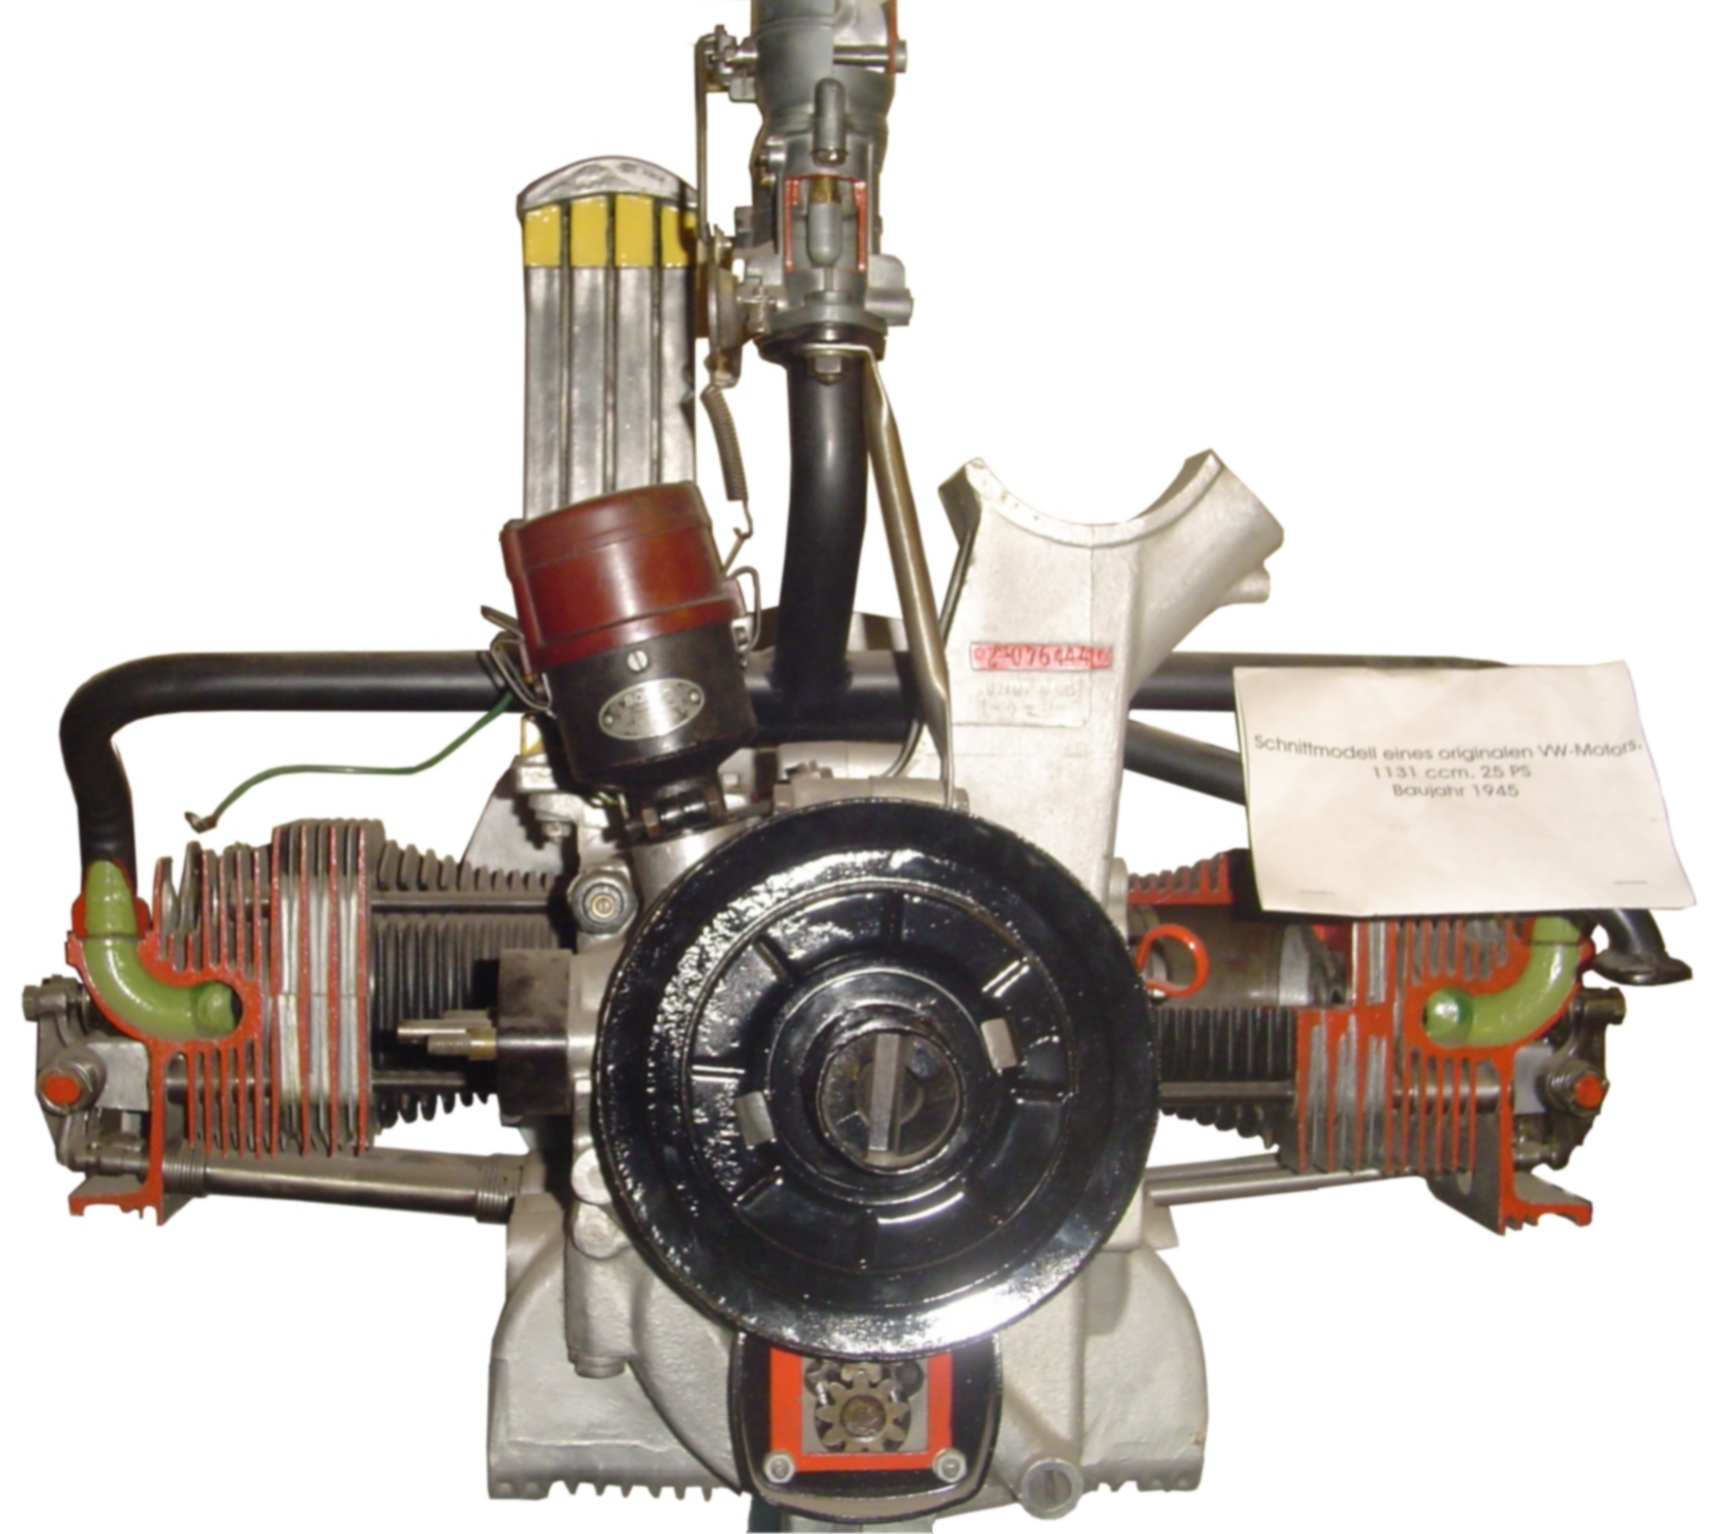 Volkswagen Motors: Flat-four Engine